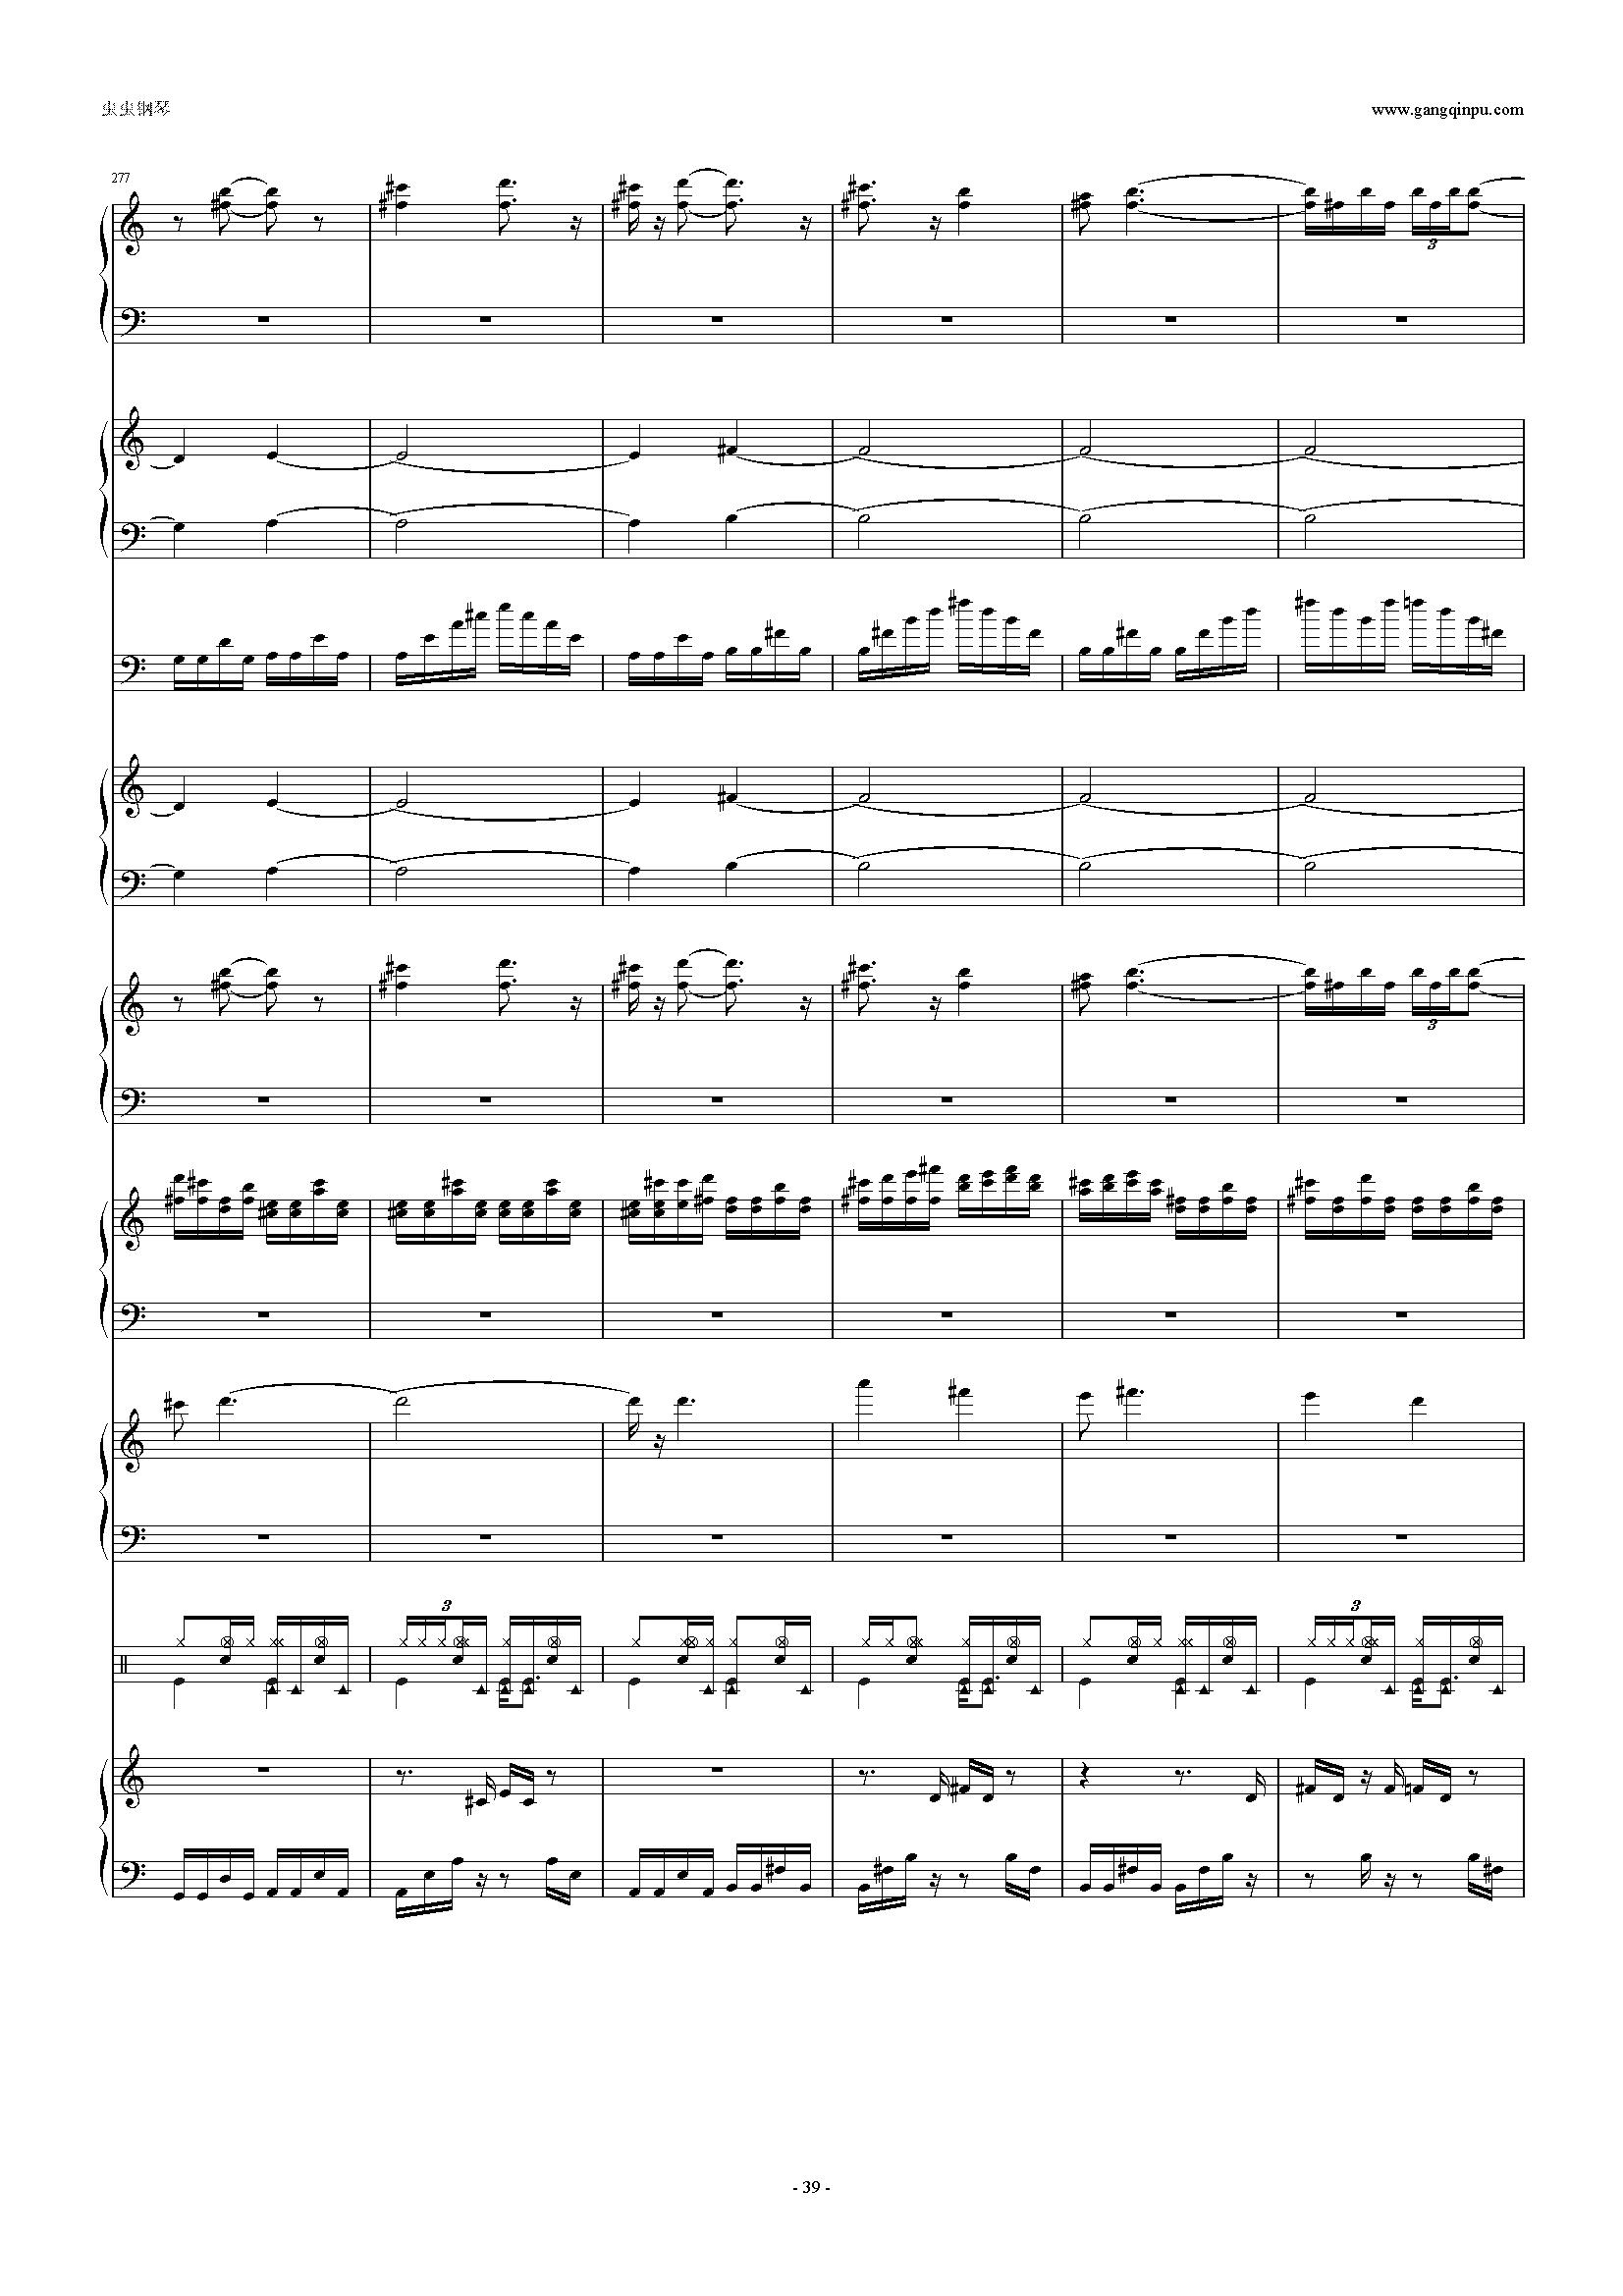 少女幻葬钢琴谱 第39页